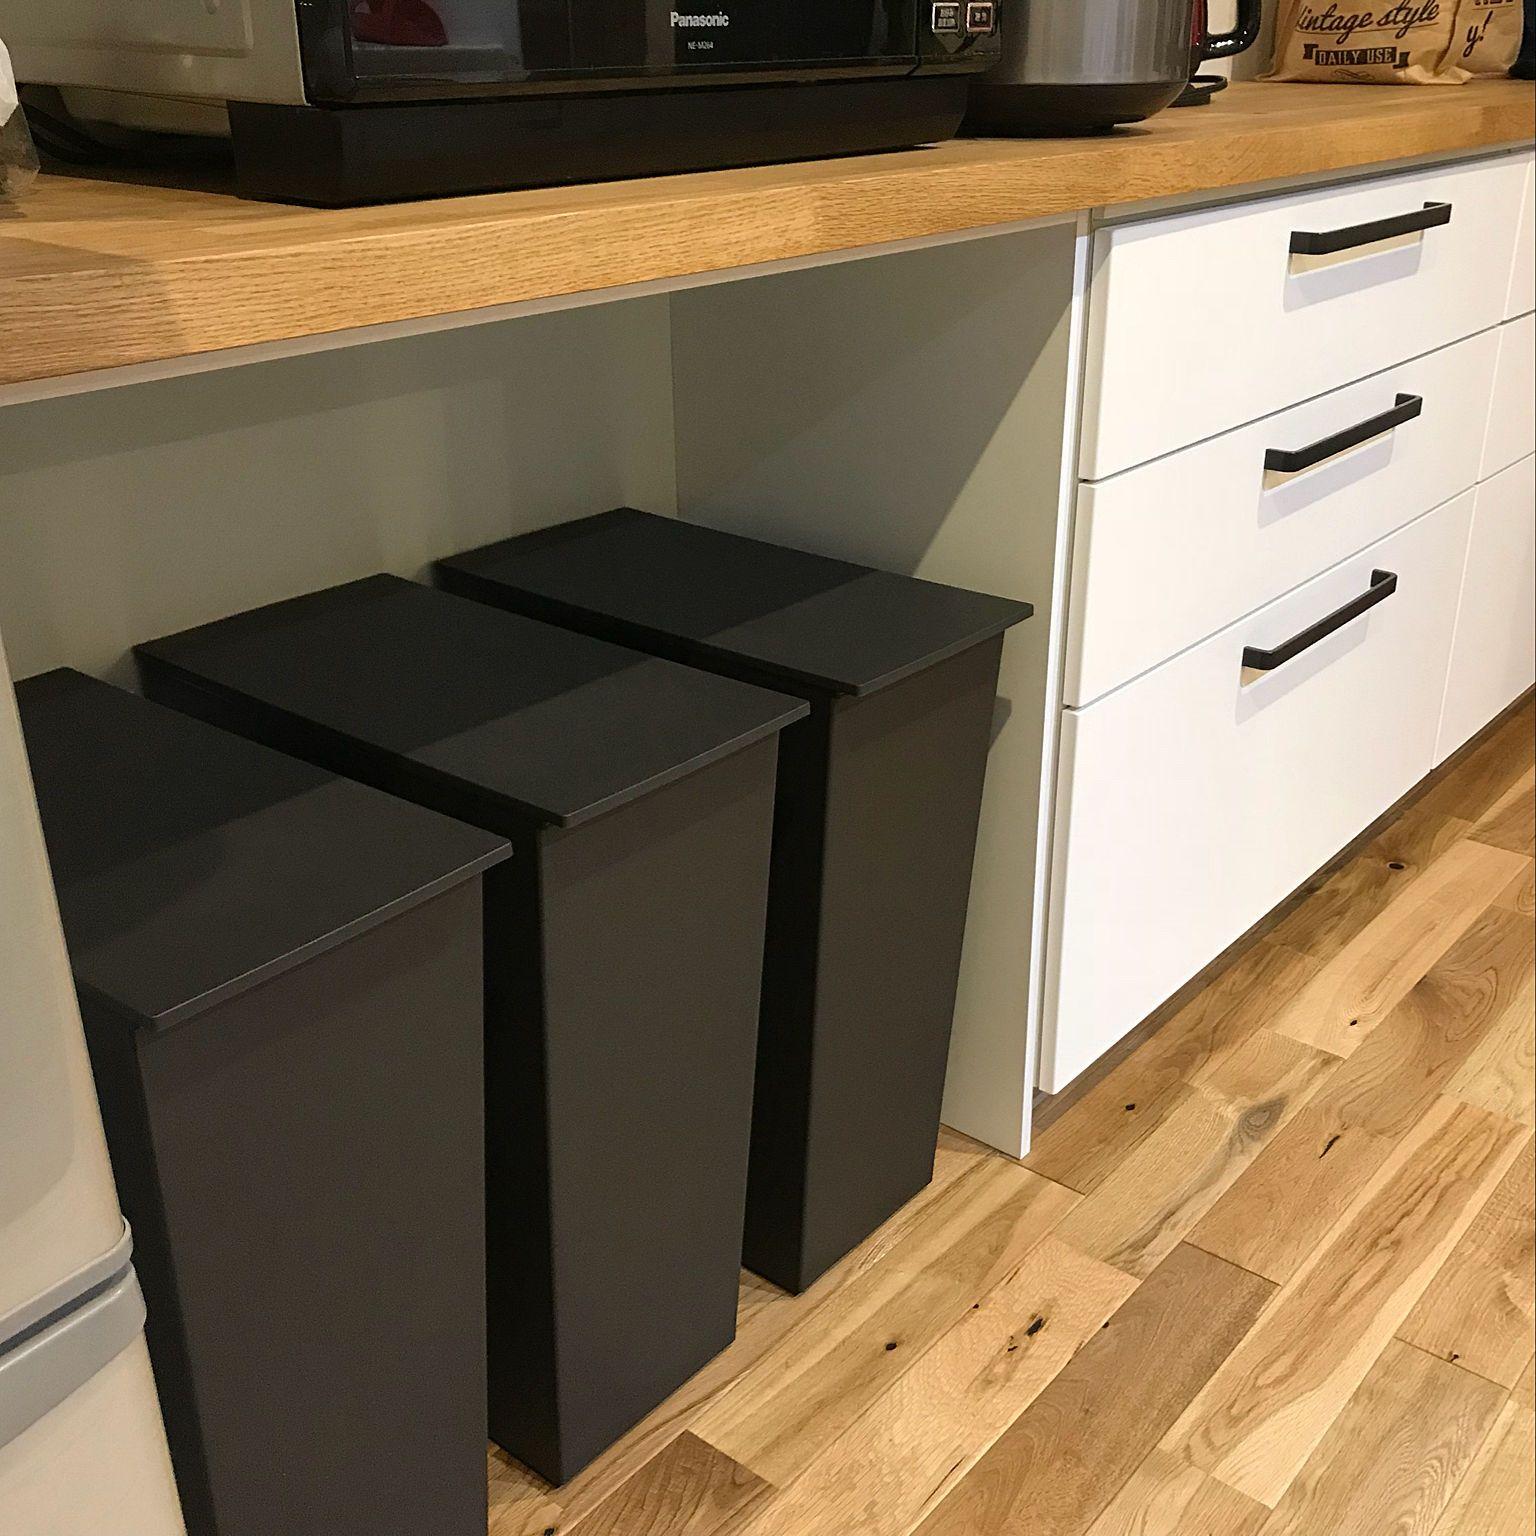 ゴミ箱 ラクシーナ カップボード キッチン クード などのインテリア